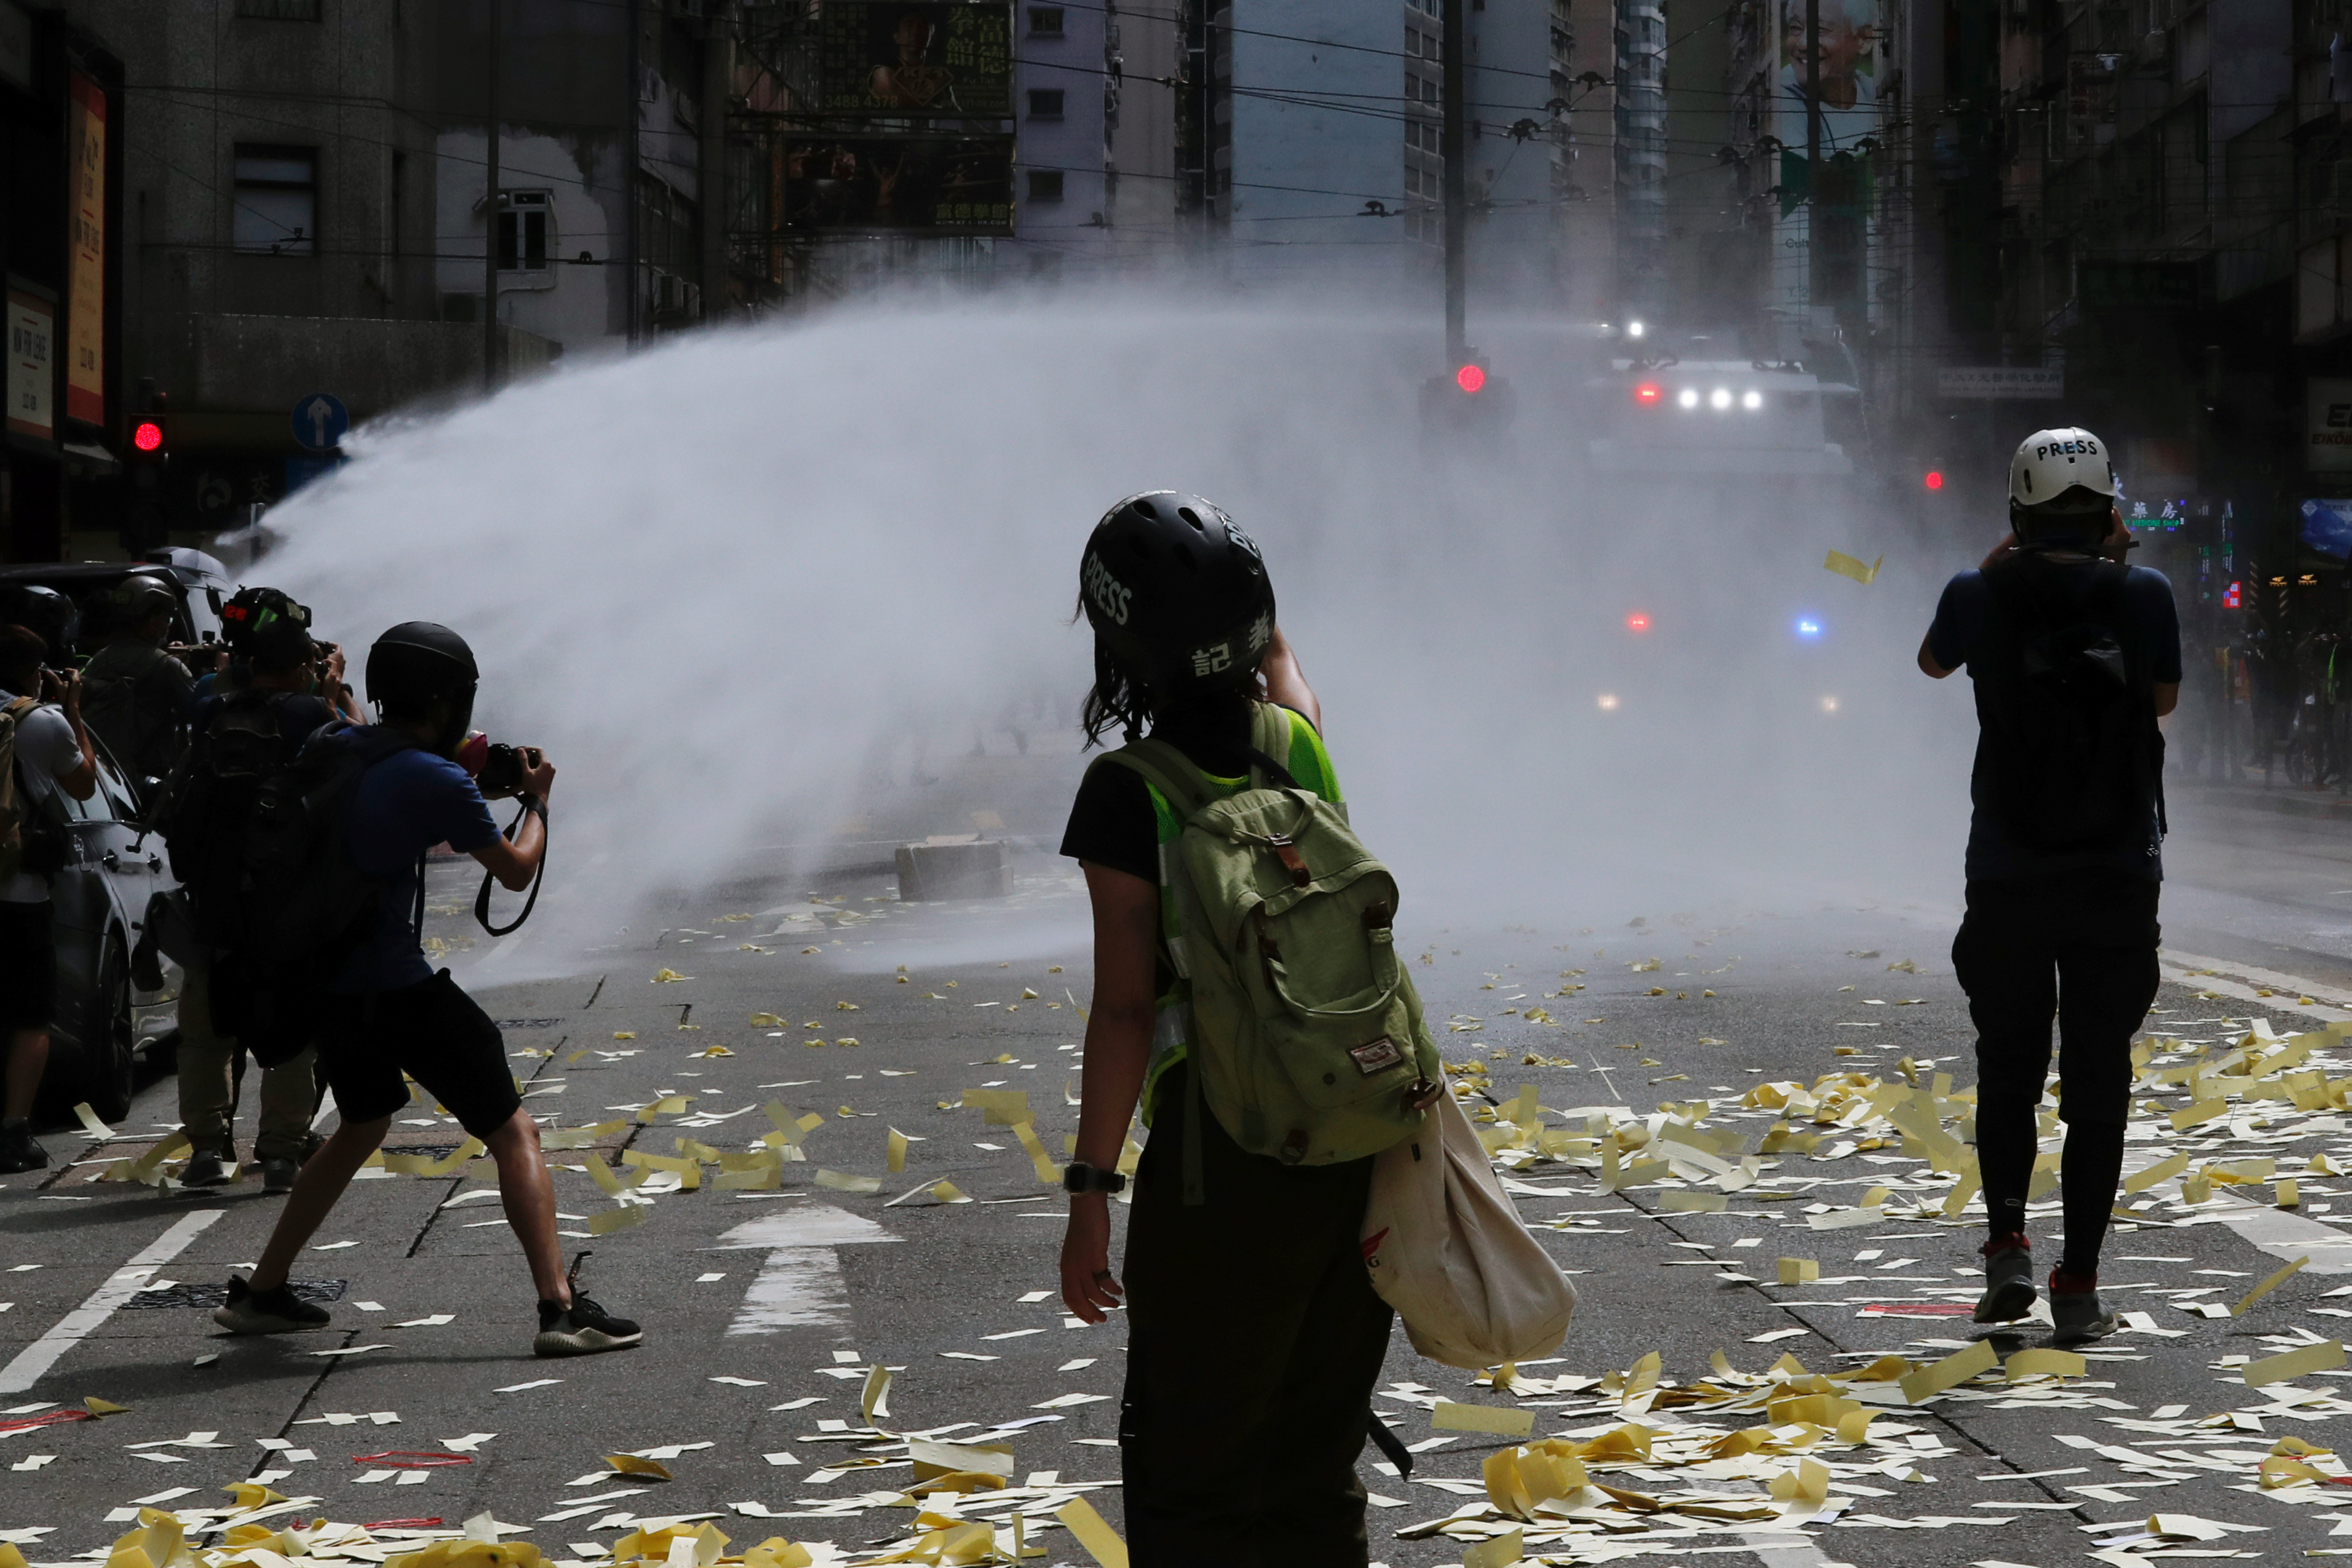 Los antidisturbios emplearon camiones con cañones de agua para tratar de dispersar a los manifestantes, y también lanzaron botes de gas lacrimógeno